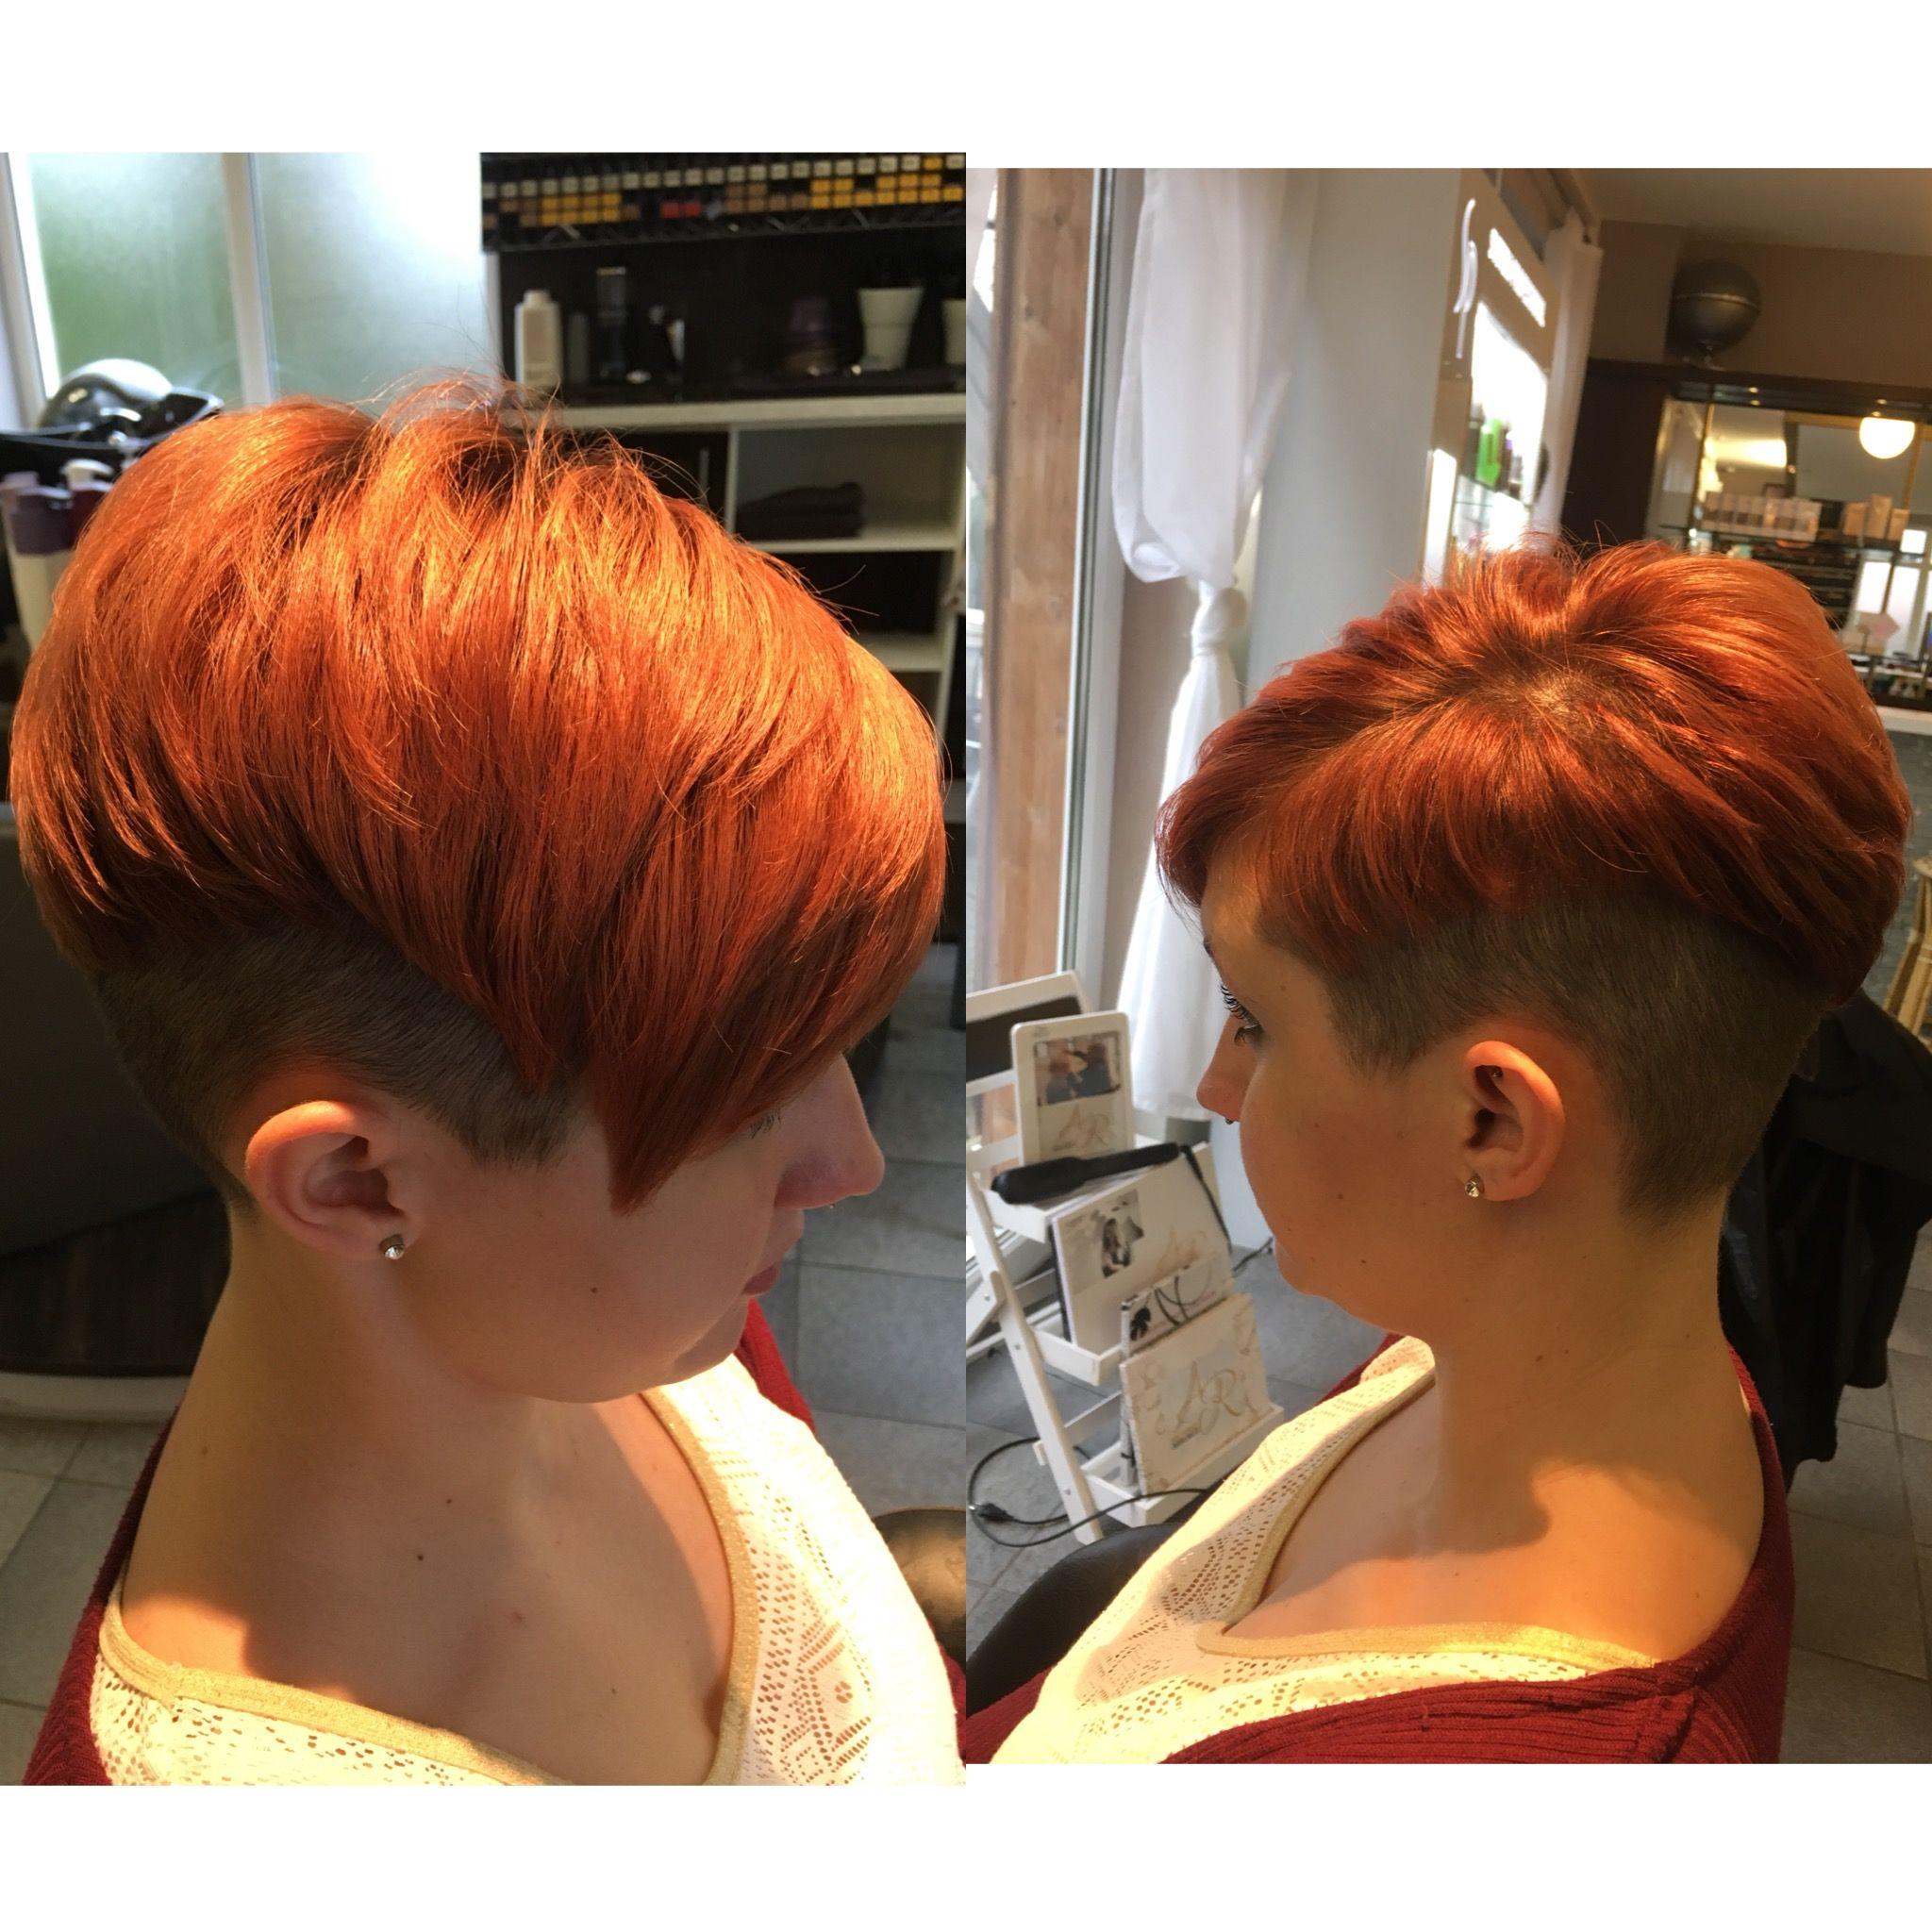 Pin By Maren Becker On Myjob Hairbymaren Hair Styles